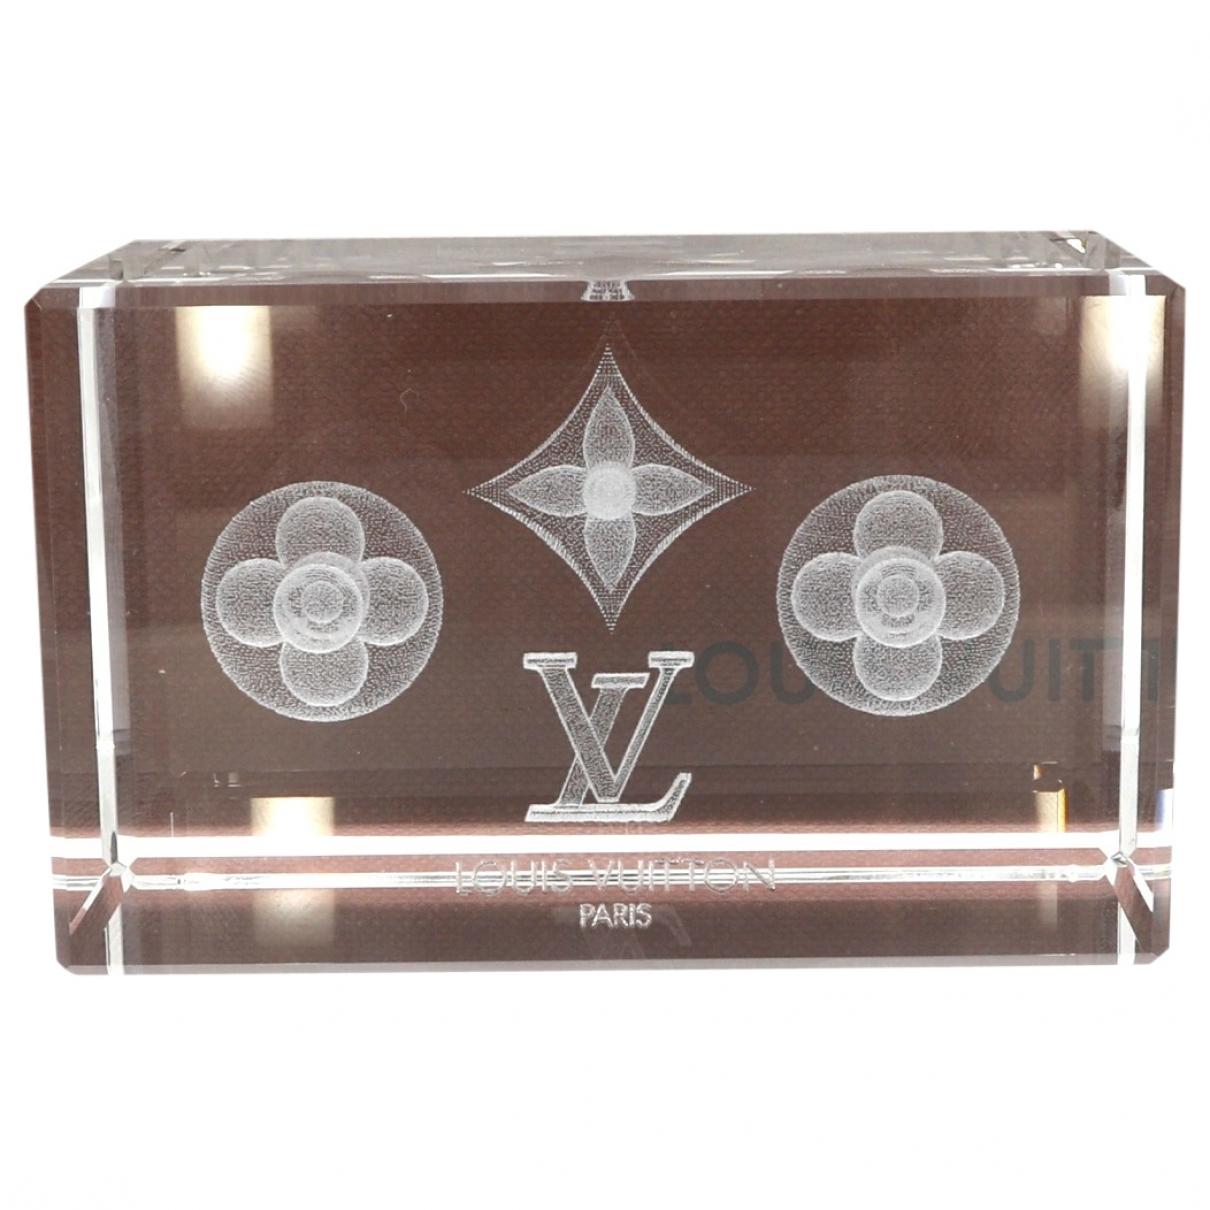 Louis Vuitton \N Accessoires und Dekoration in Glas